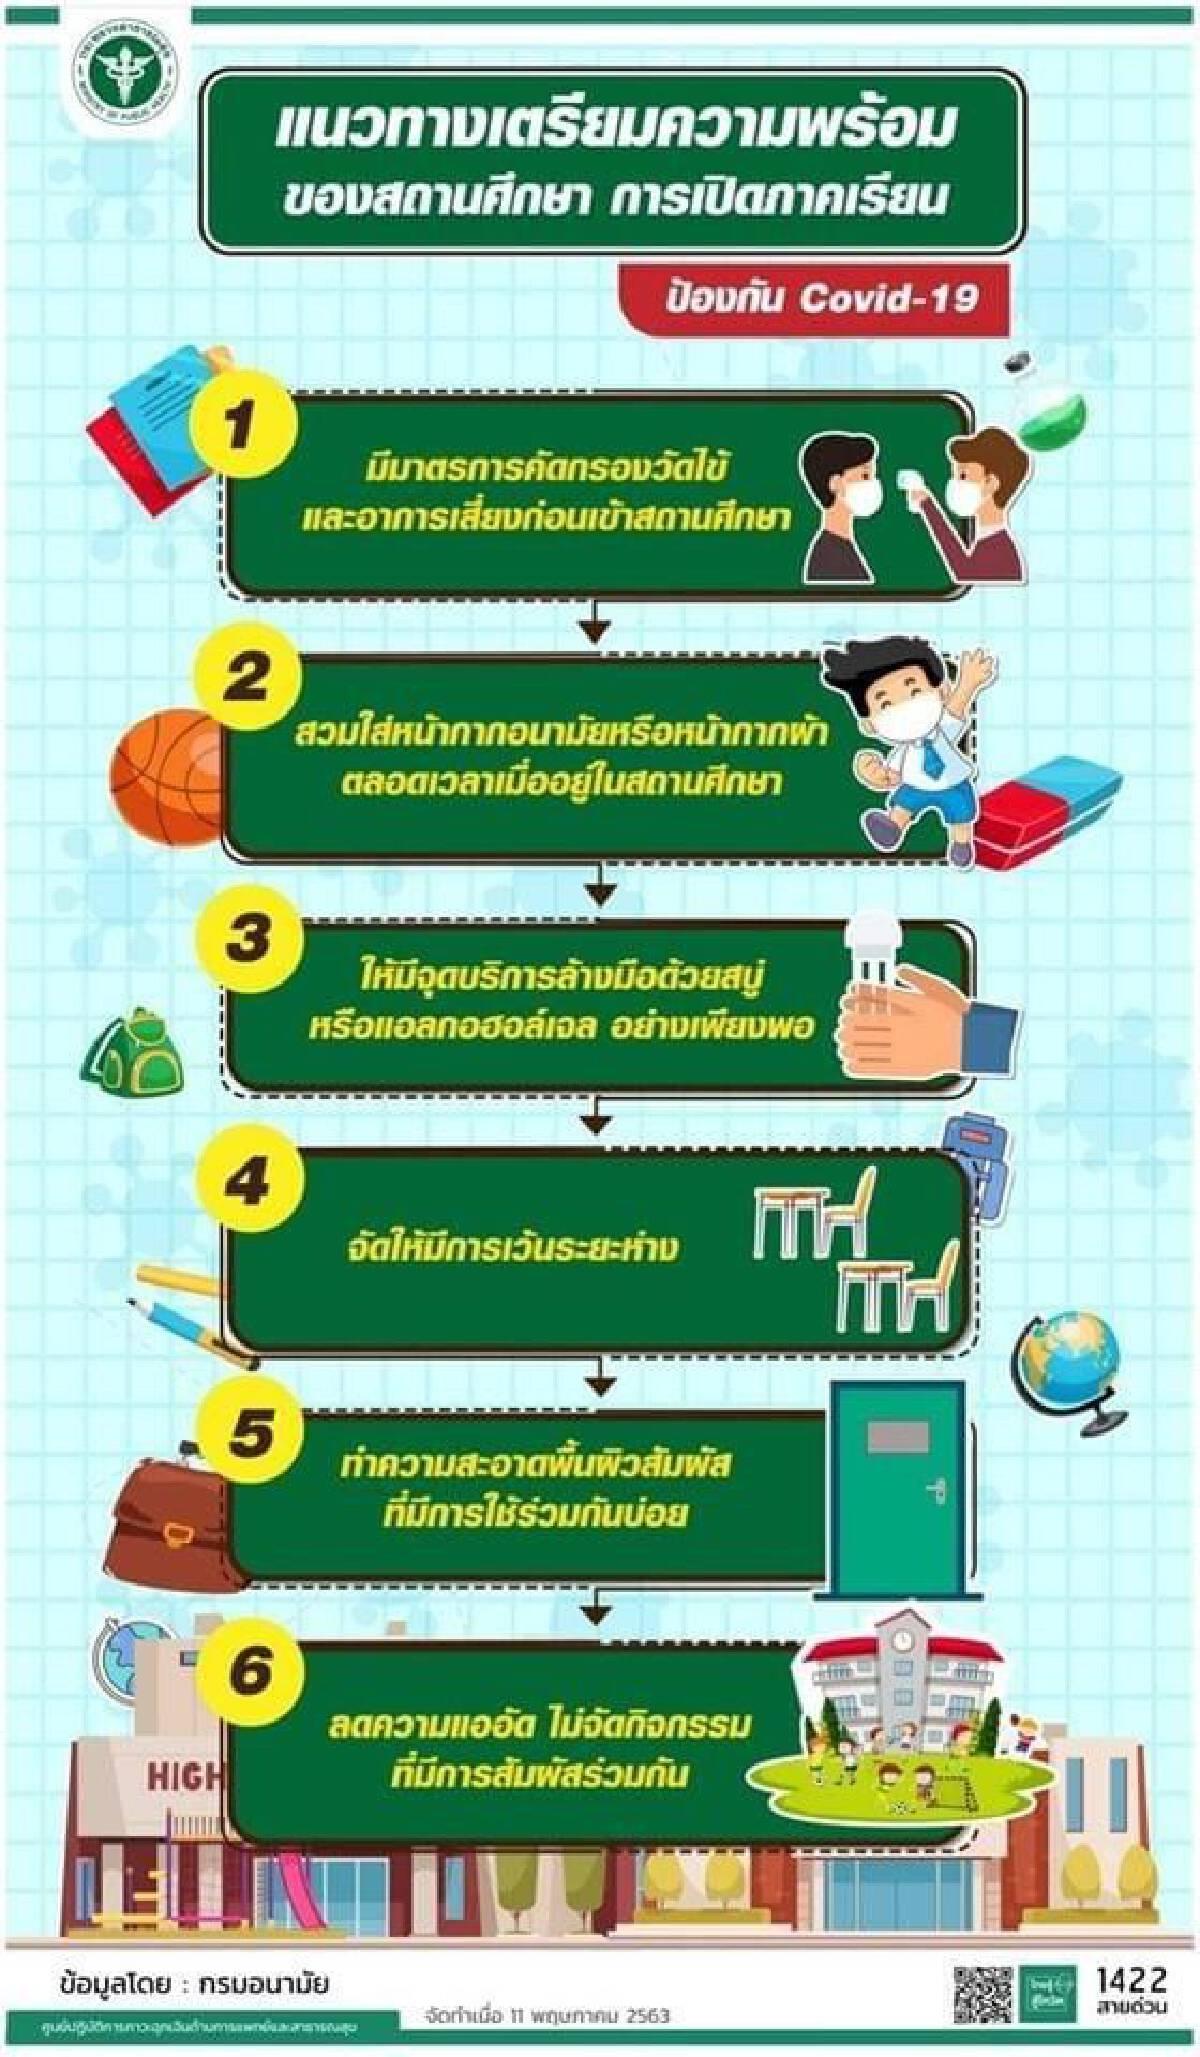 6 แนวทาง เปิดภาคเรียน ที่โรงเรียนต้องปฏิบัติ ป้องกันโควิด